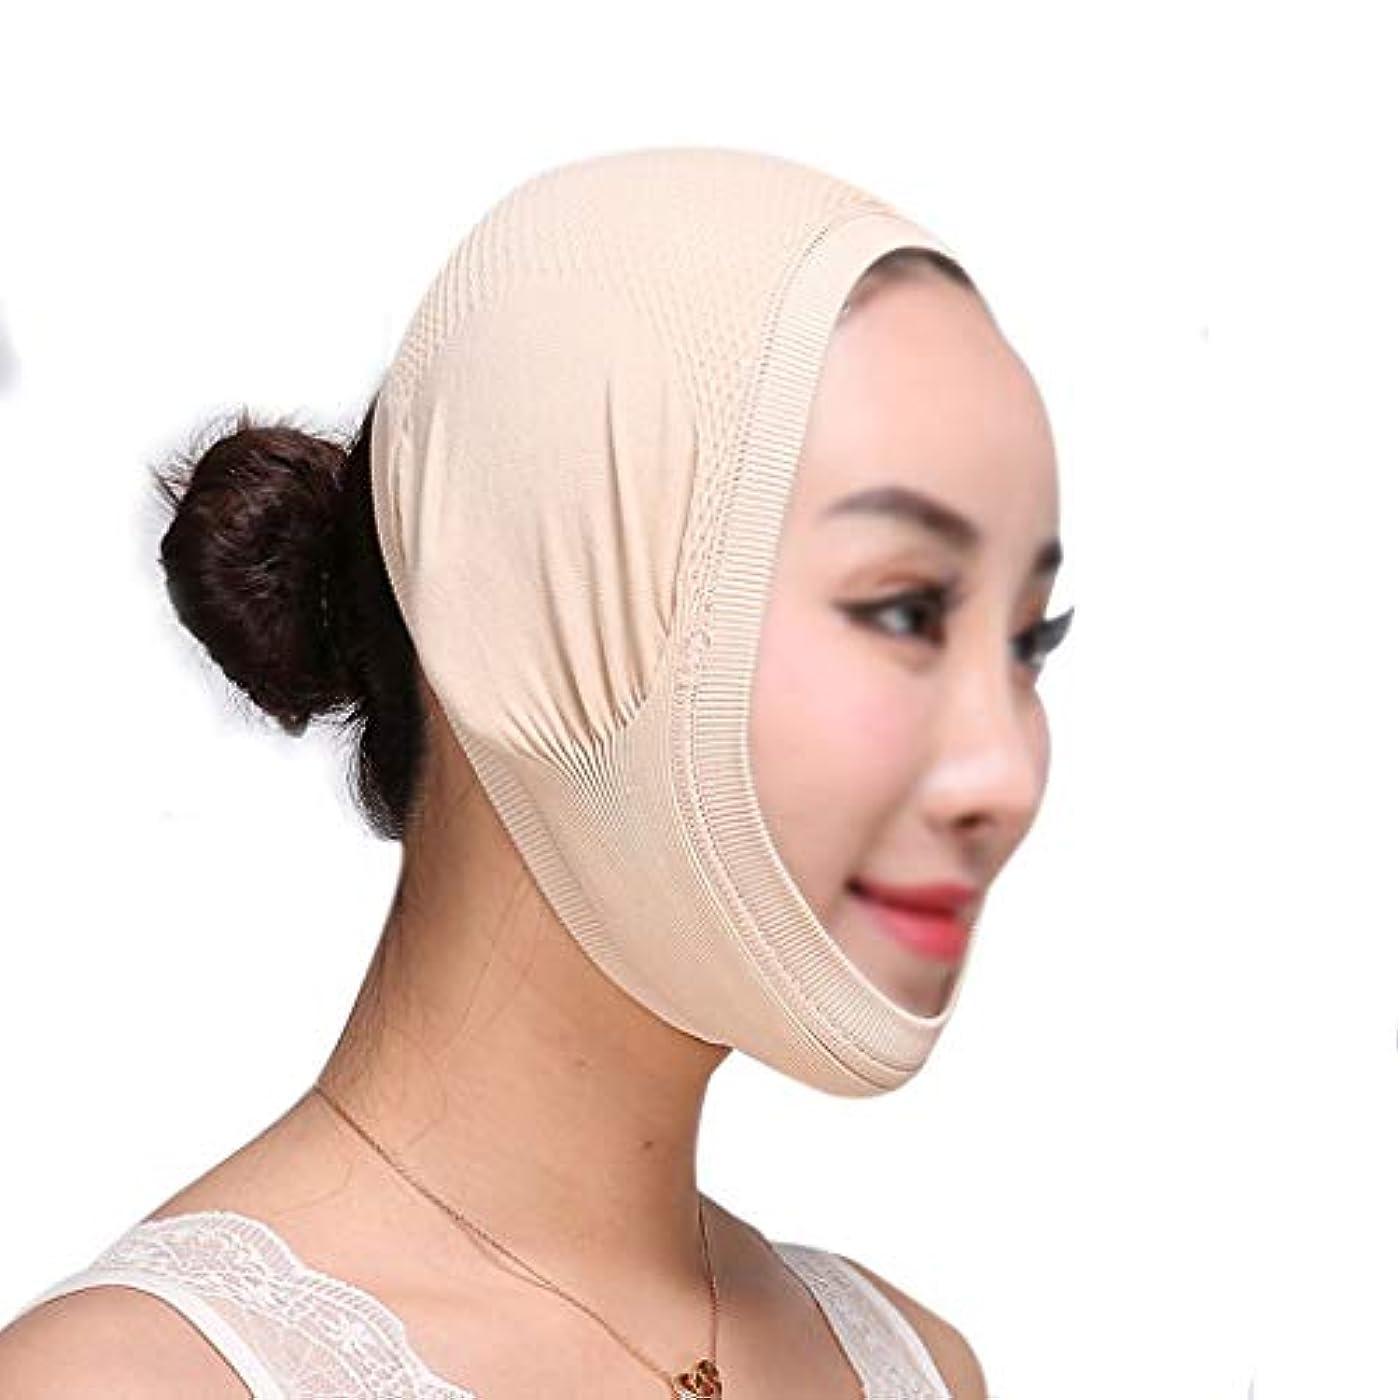 簡潔なショルダーばかMLX V顔リフティング包帯薄いフェイスマスクを眠っている整形手術病院ライン彫刻術後回復ヘッドギア医療マスク (Color : Skin tone(B))